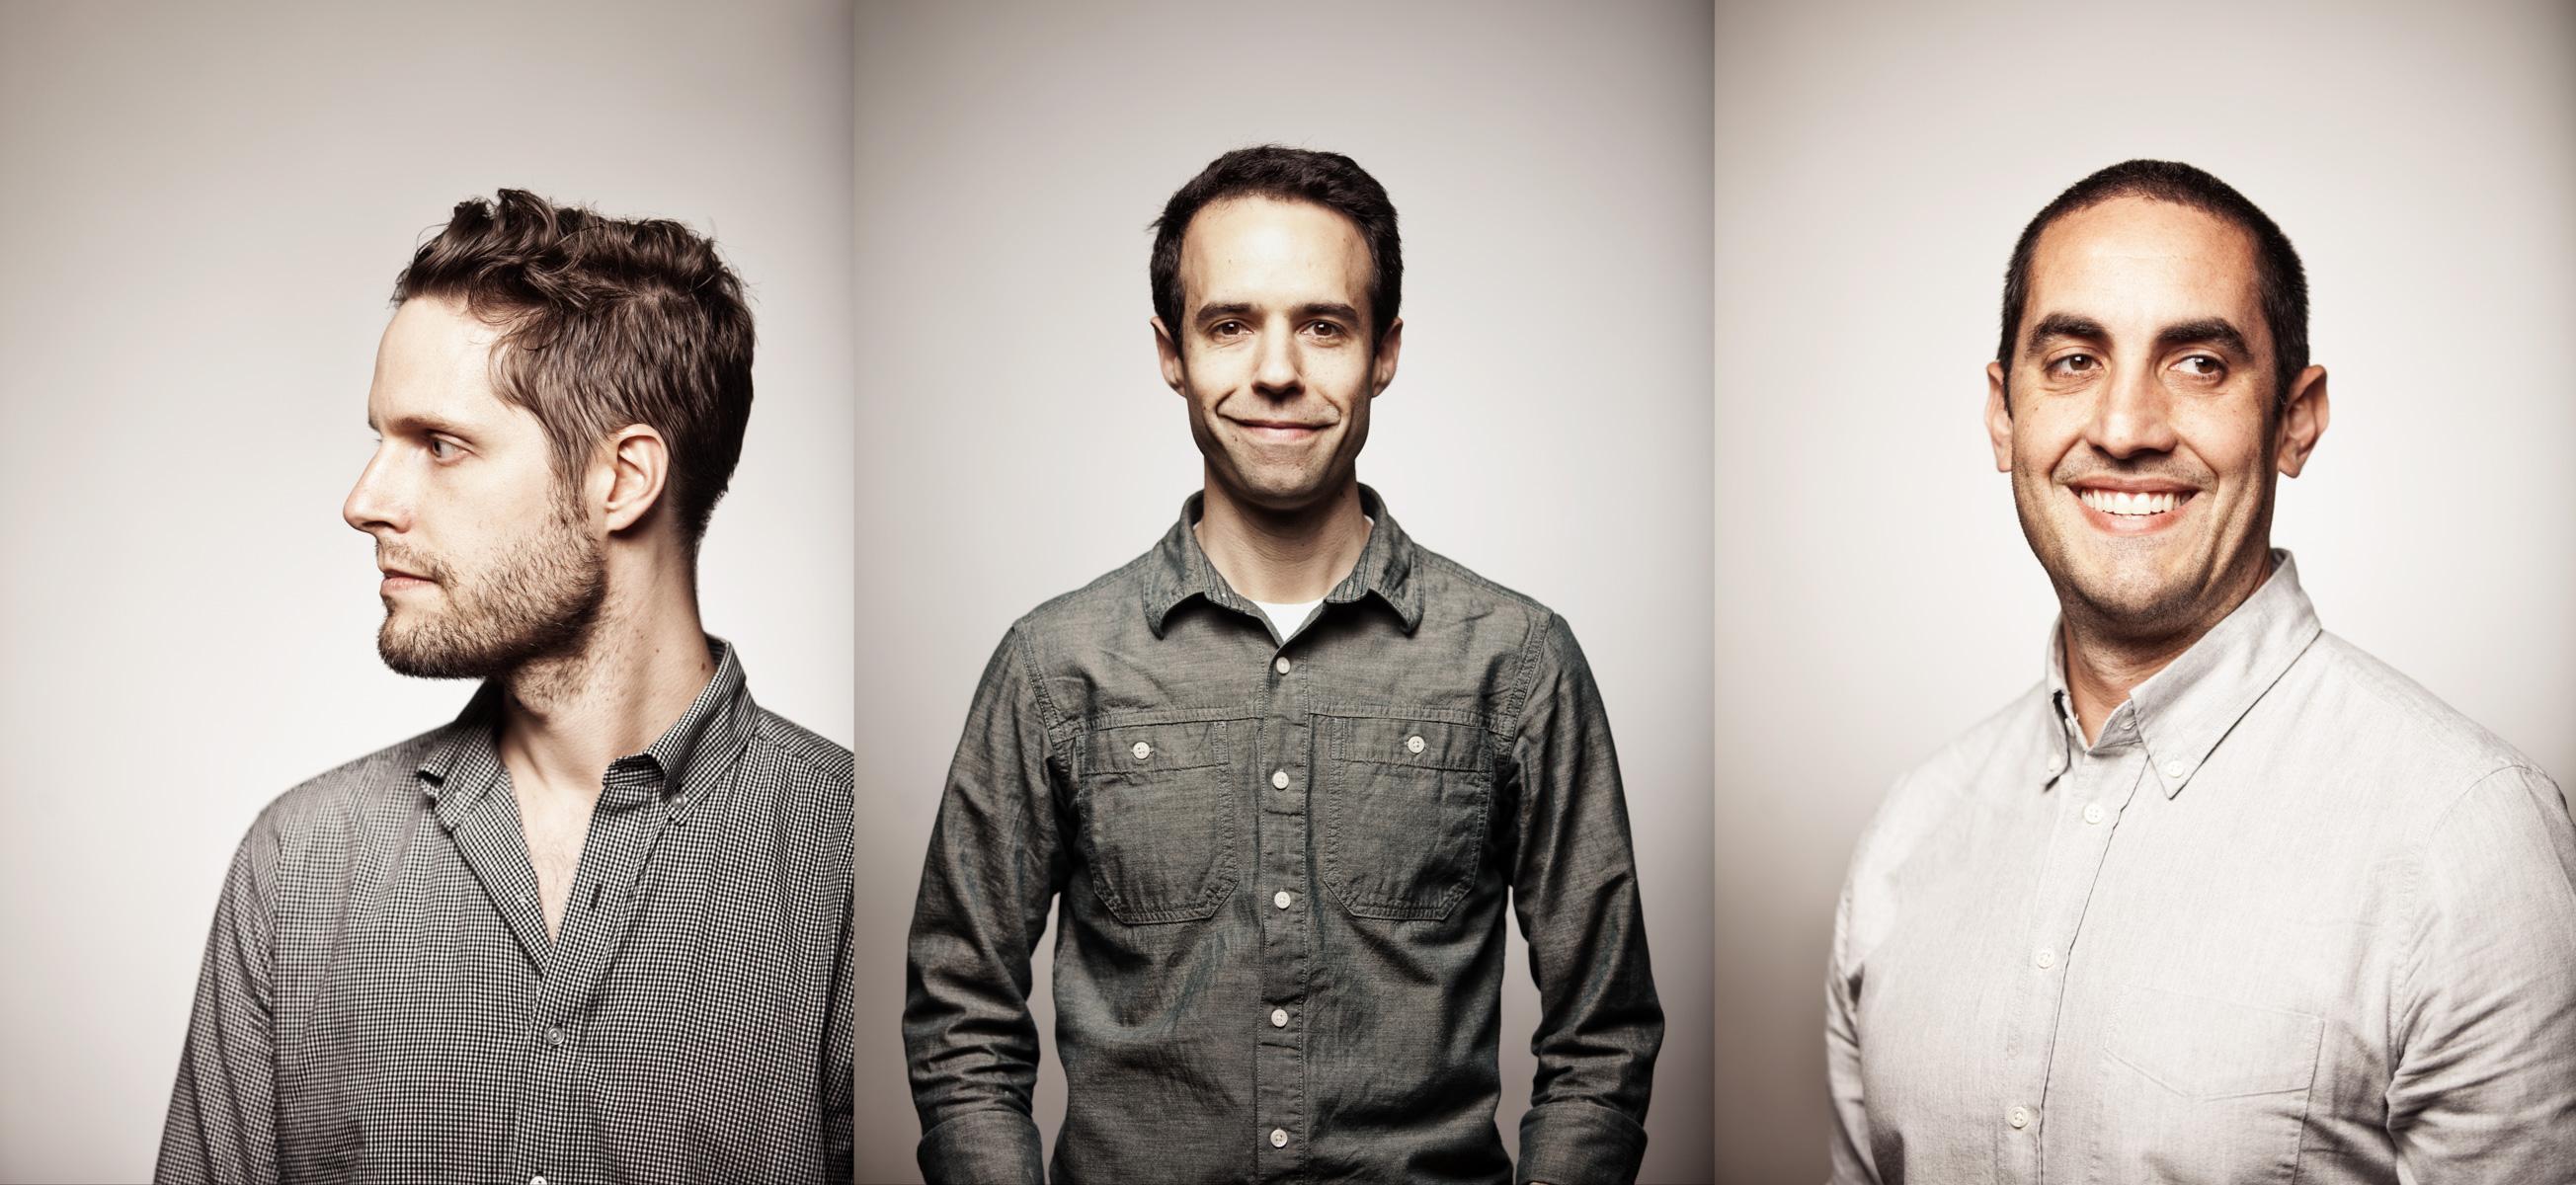 tech-entrepreneurs-young-men